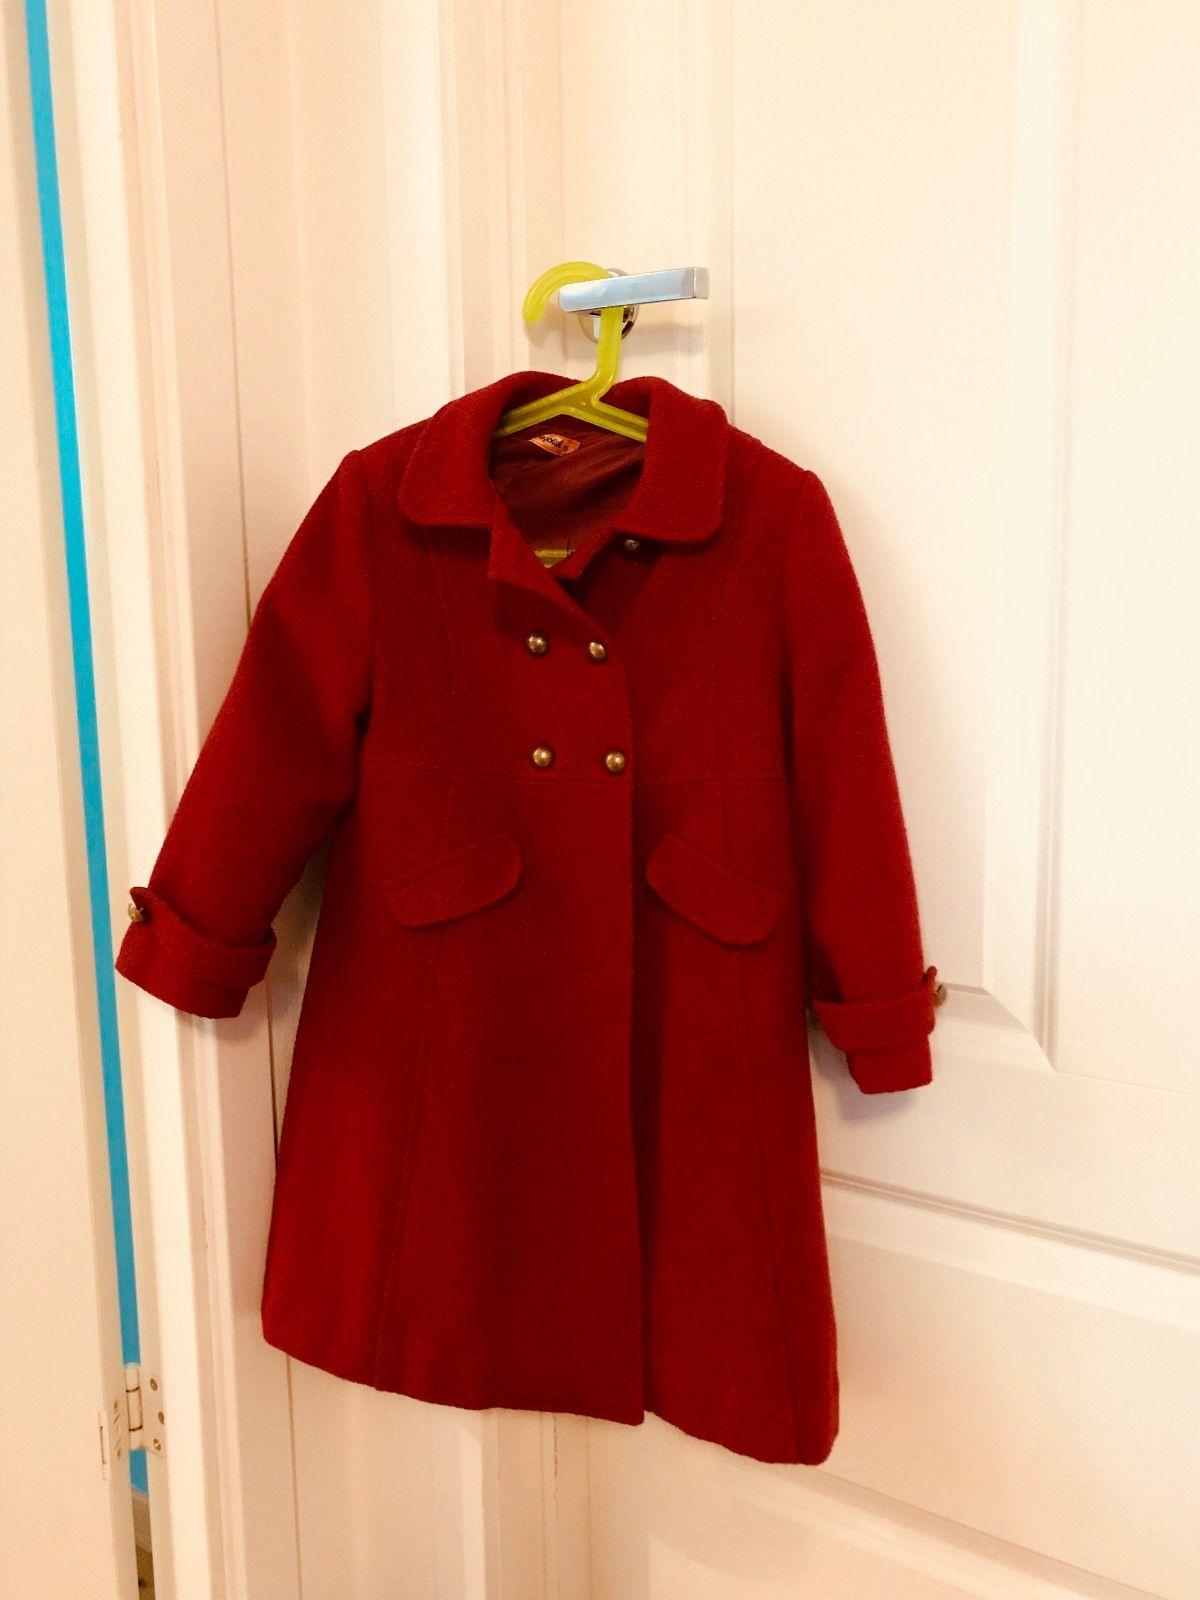 Rød kåpe - str 5 år - Stavanger  - Nydelig kåpe i ull/polyester blanding. Perfekt både til jul og 17. mai. Min jente er av gjennomsnittlig høyde og har brukt denne til hun var 7 år, litt stor i str. Kun brukt noen ganger i året. - Stavanger